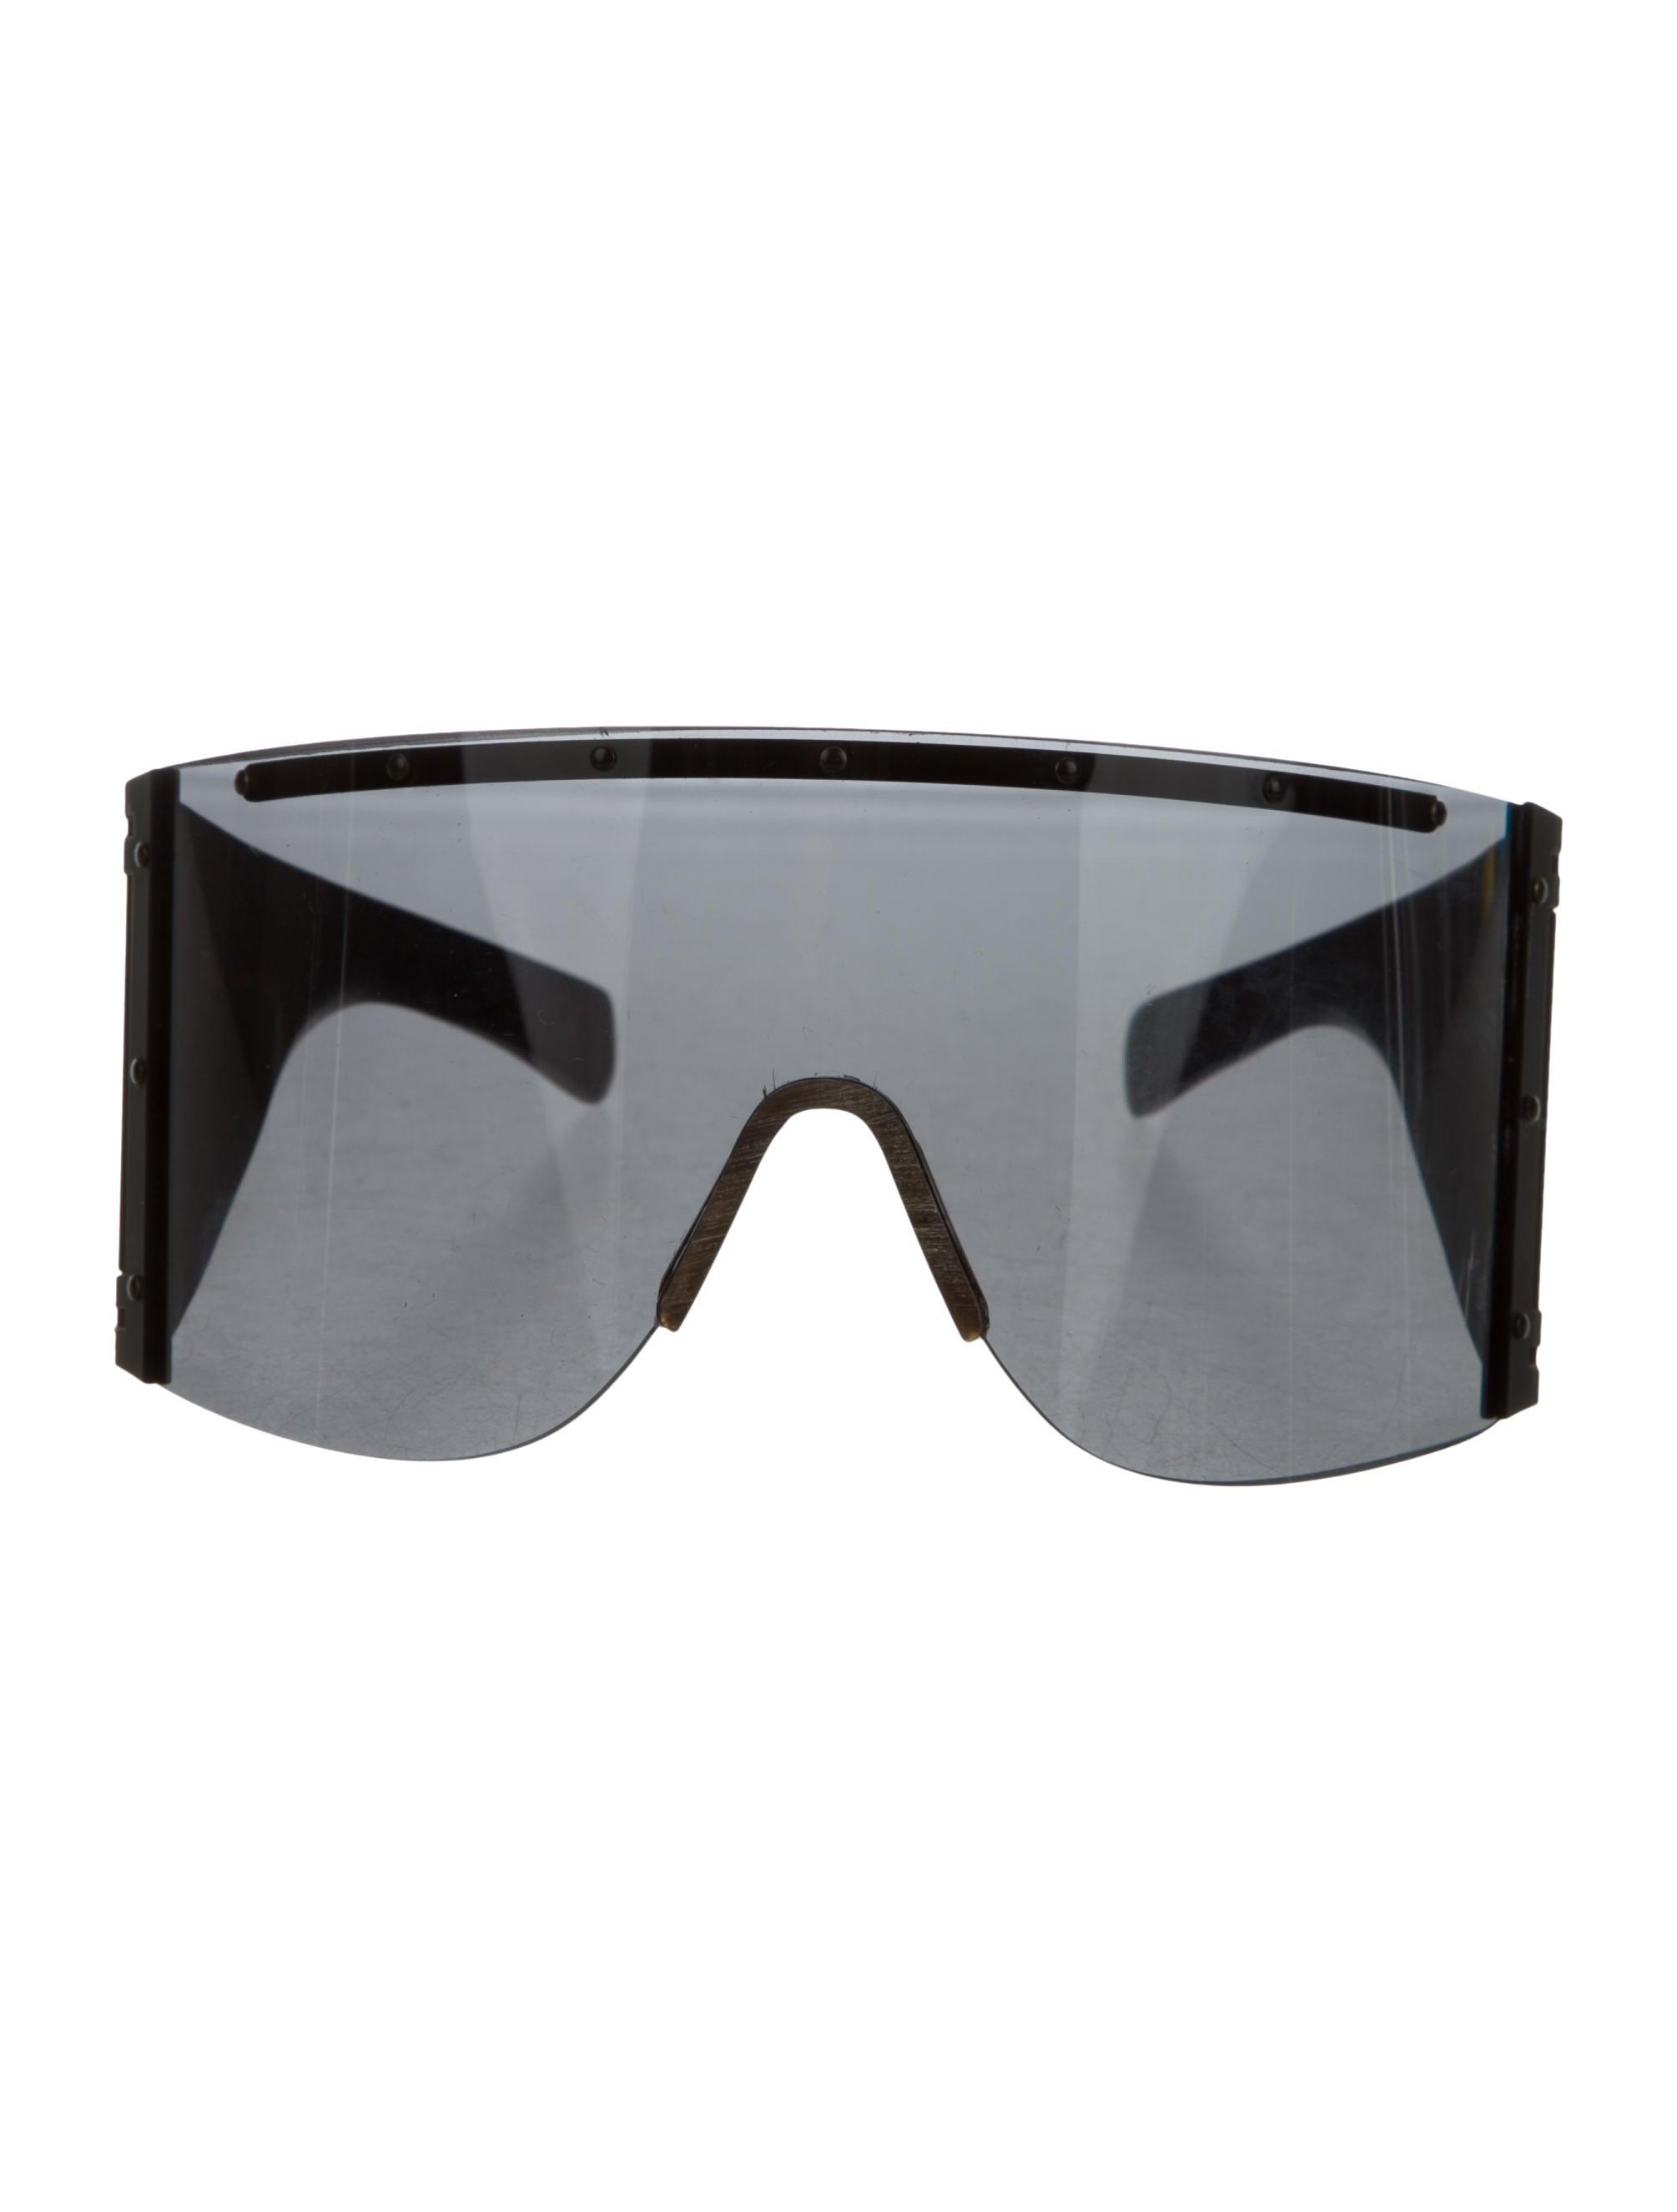 a3e89c99489 Womens Designer Shield Sunglasses « One More Soul